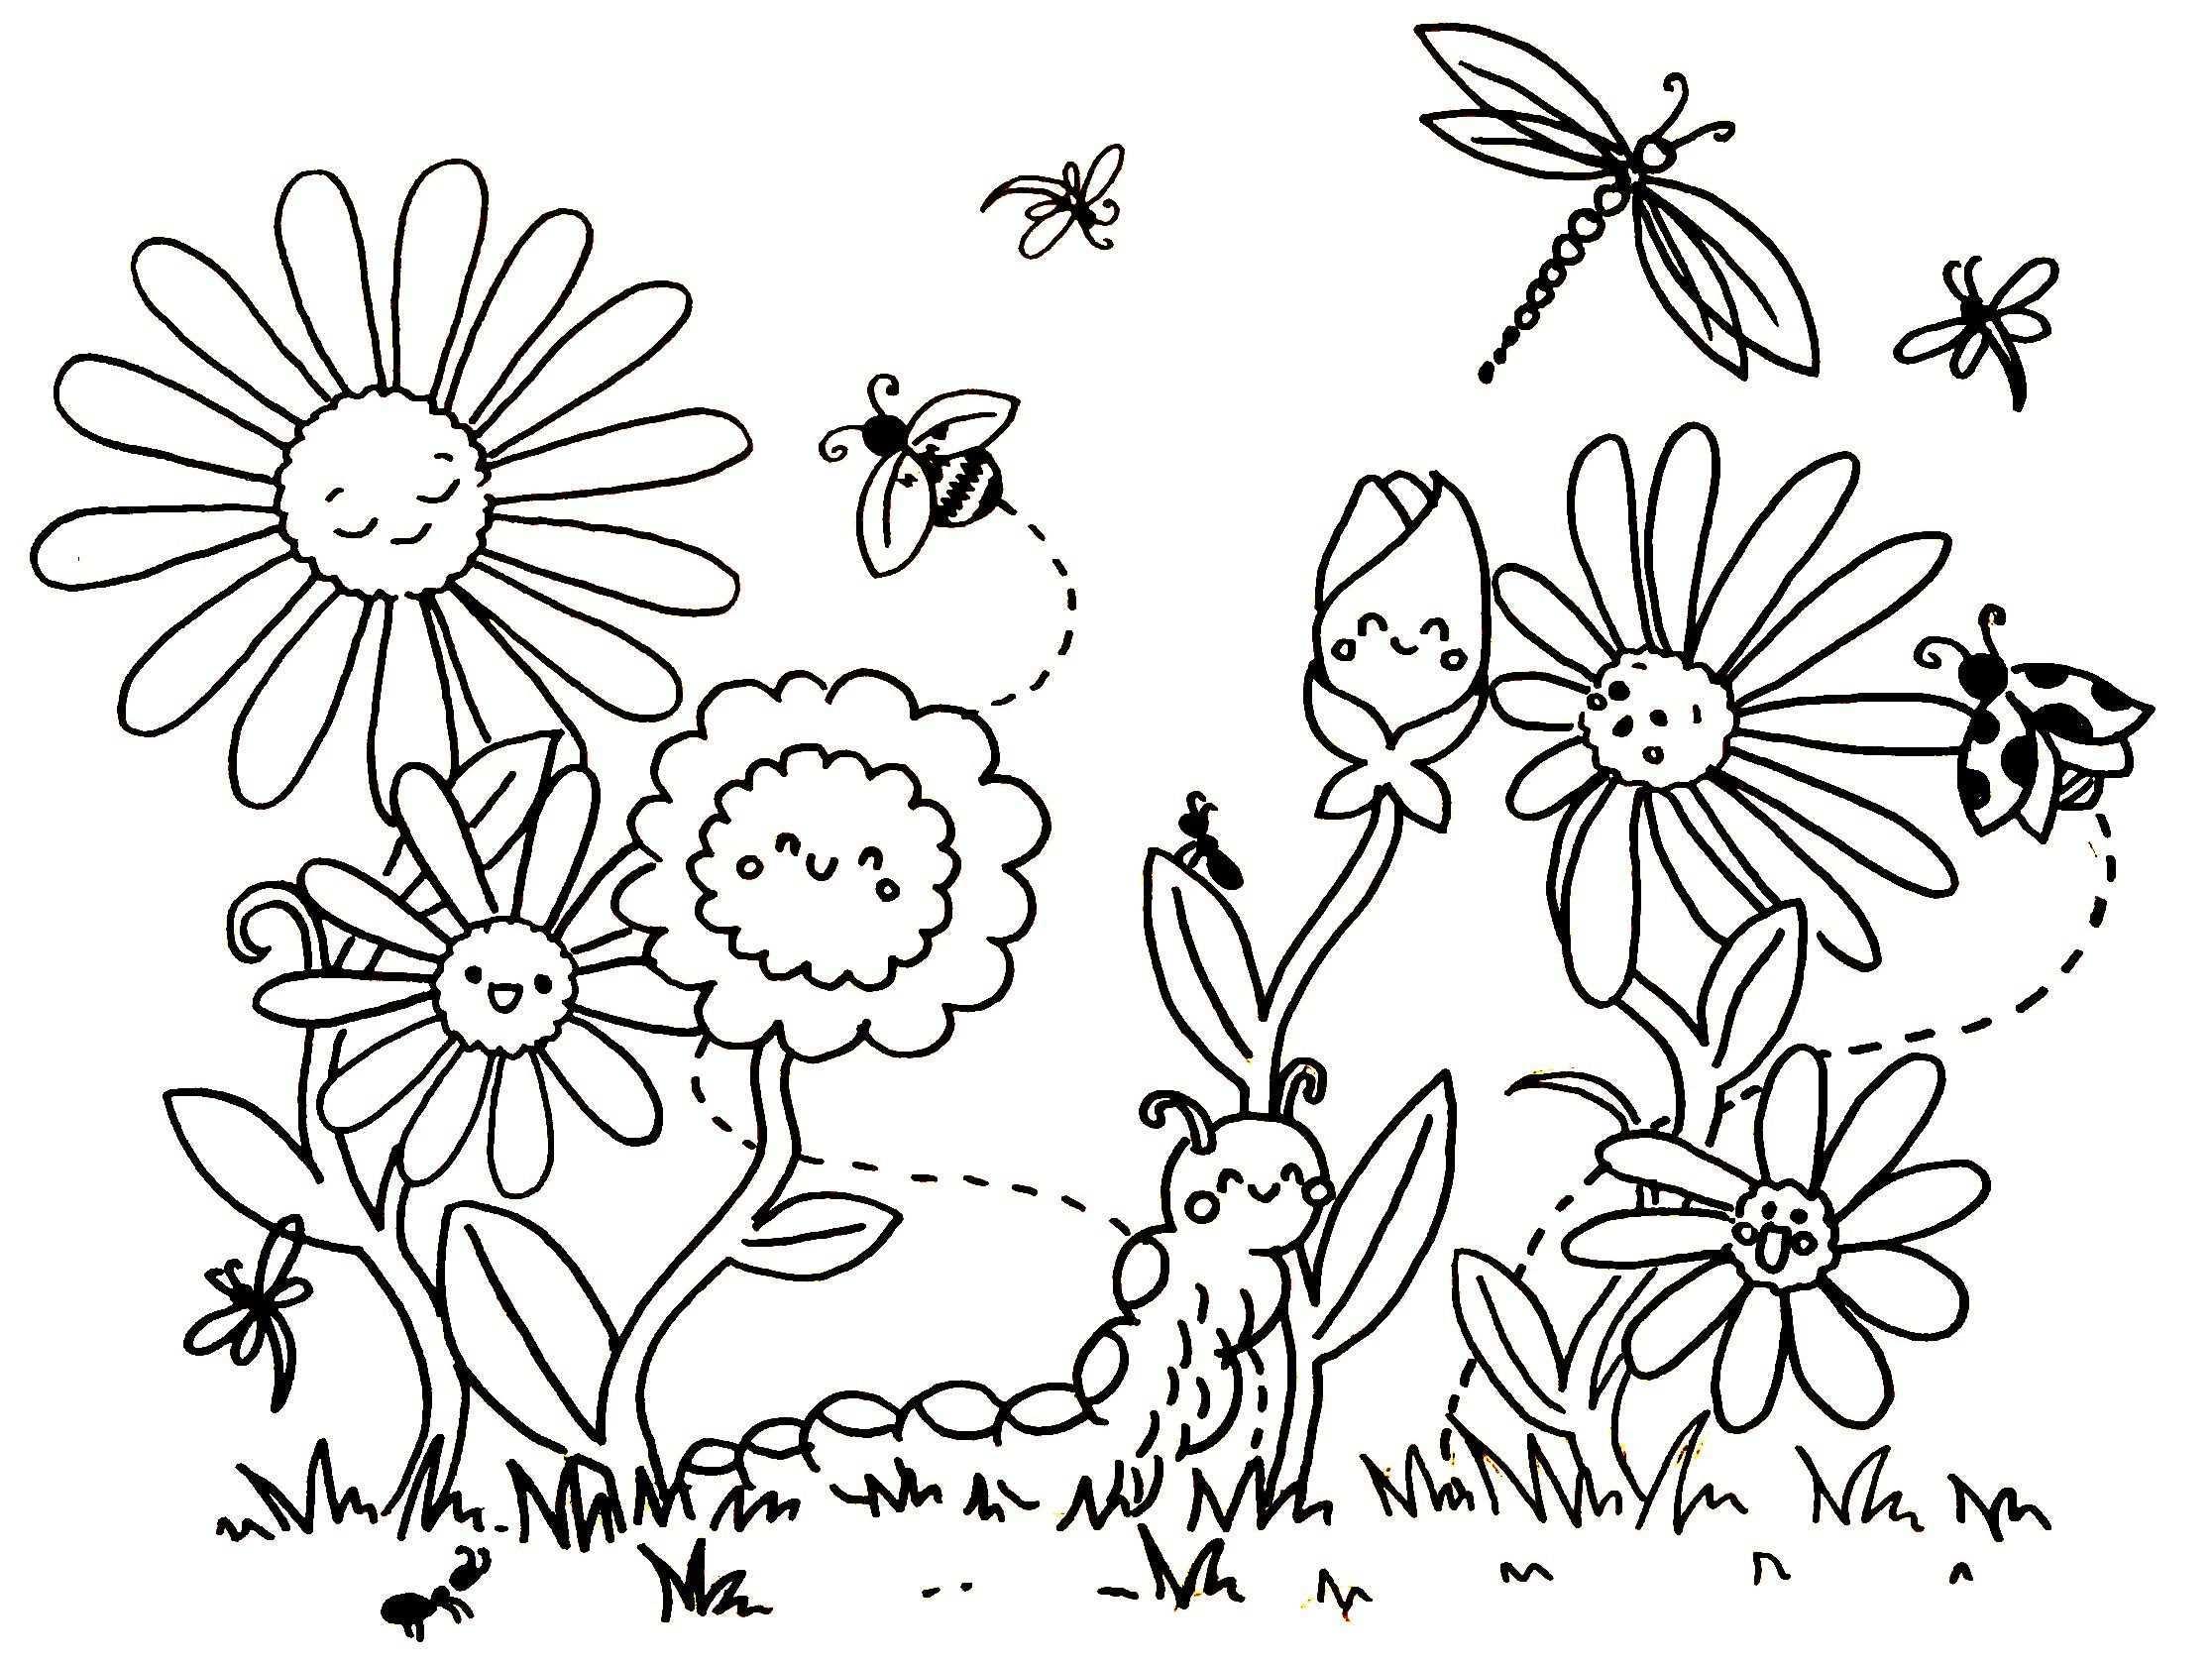 Blumen Malvorlage Windowcolor Blumen Ausmalen Ausmalbilder Ausmalbilder Fruhling